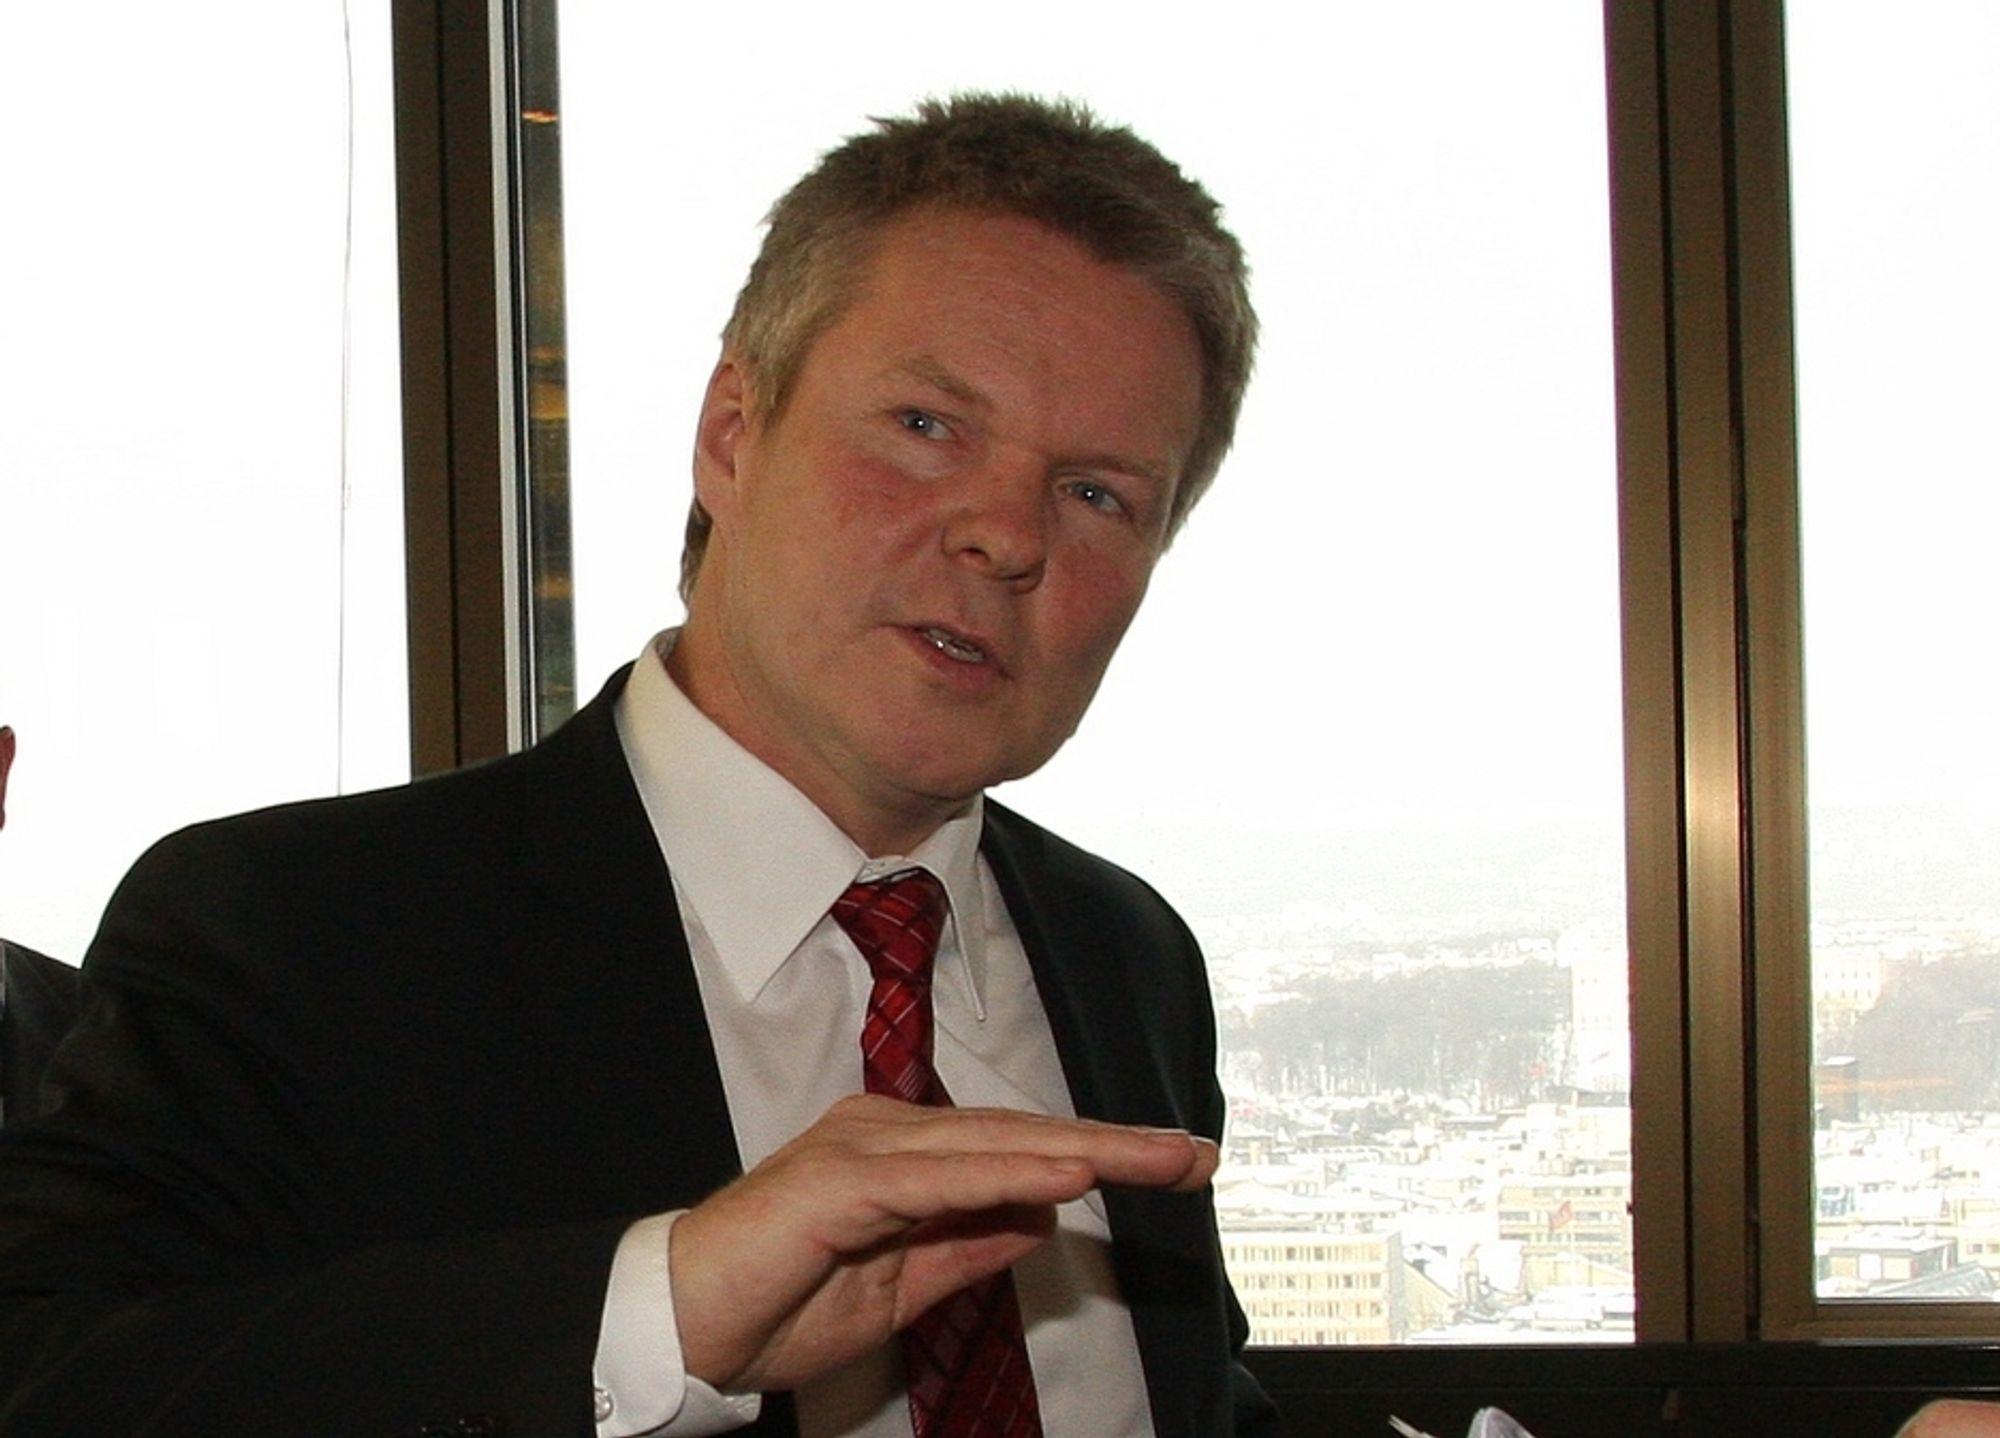 SVAKT: Administrerende direktør Terje Mjøs regner med en svak bedring i markedet i 2010, mens en real opptur kommer tidligst neste år.